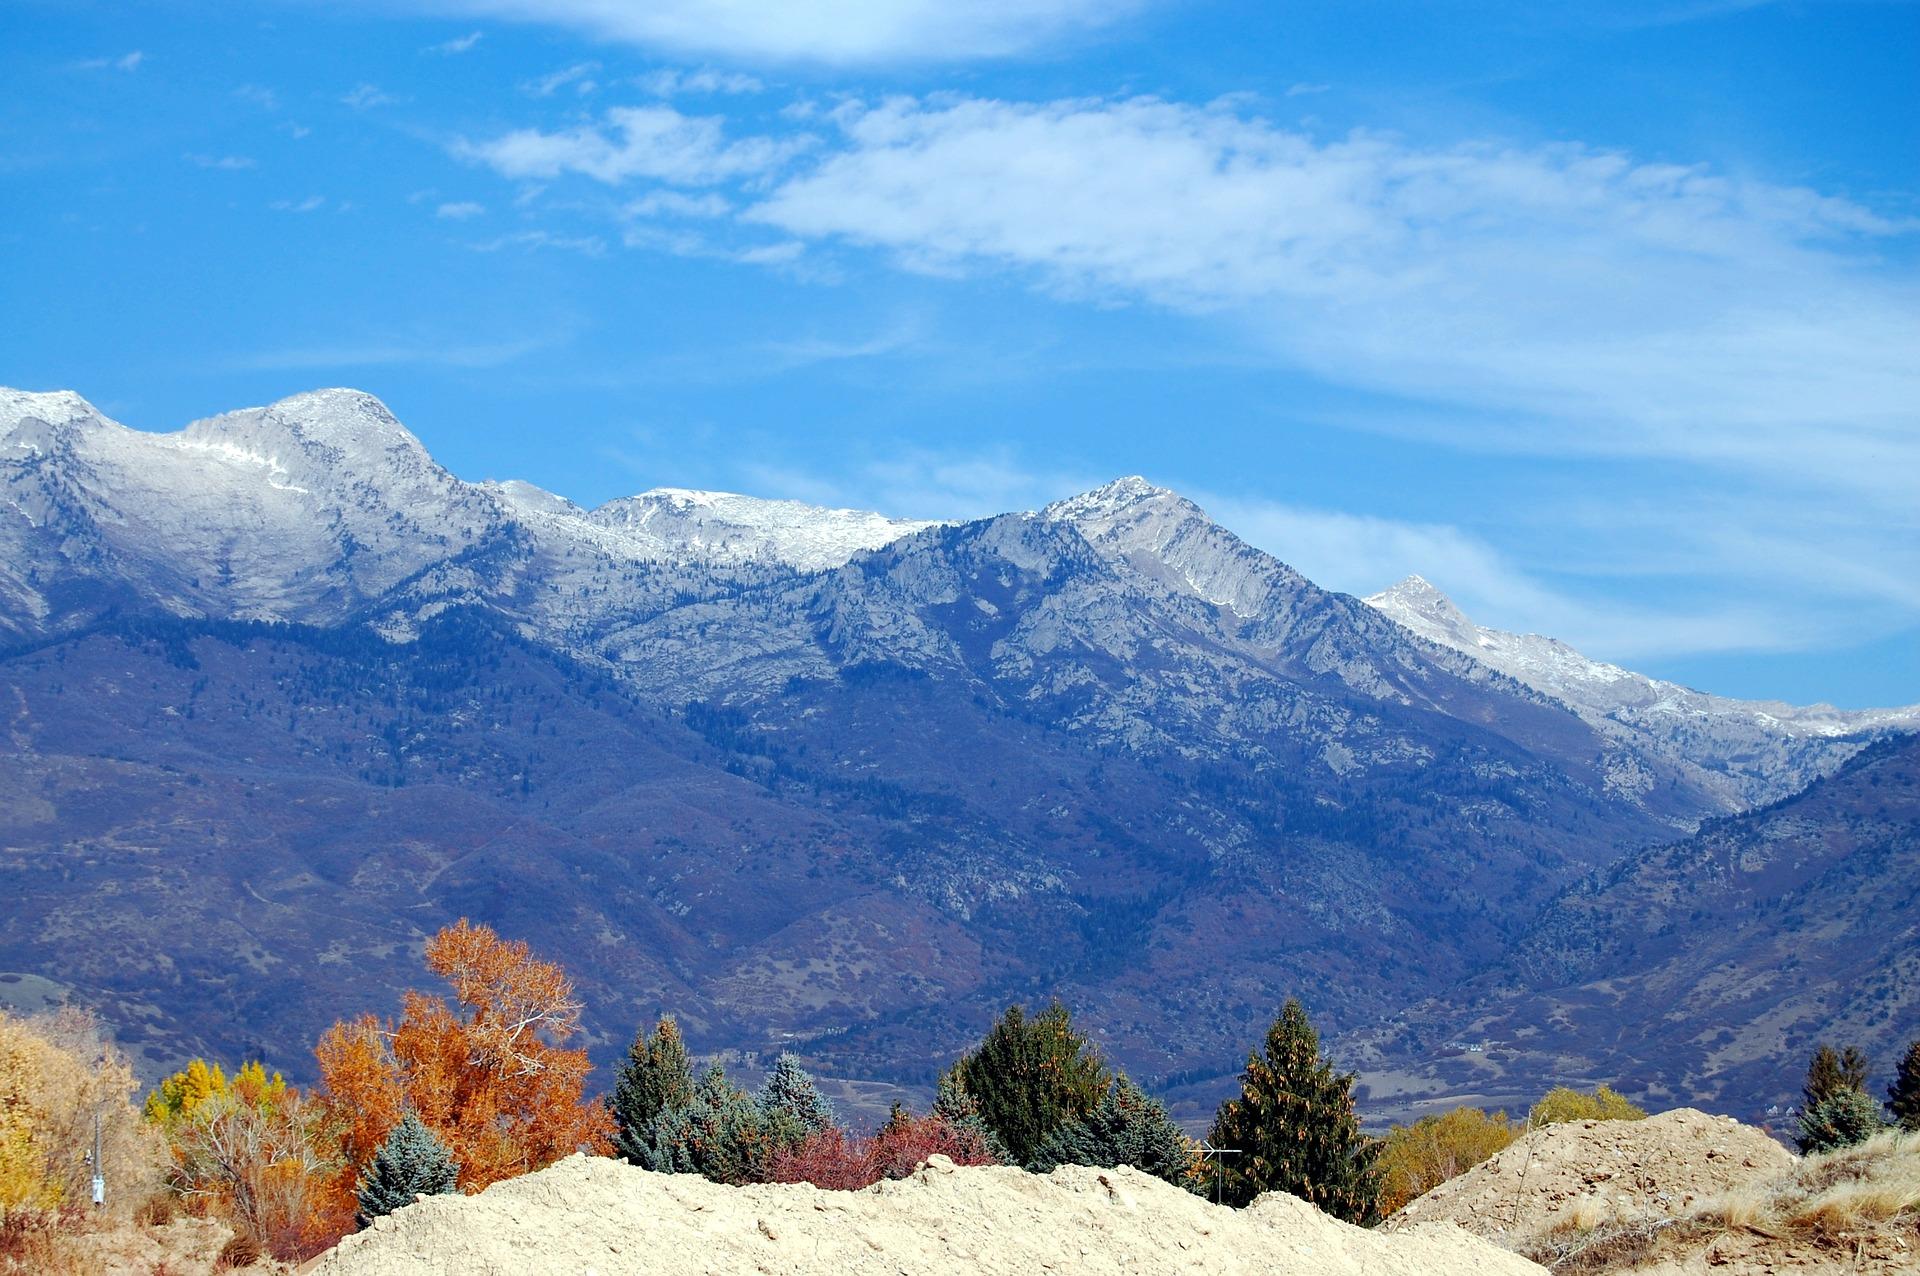 mountains-1077569_1920